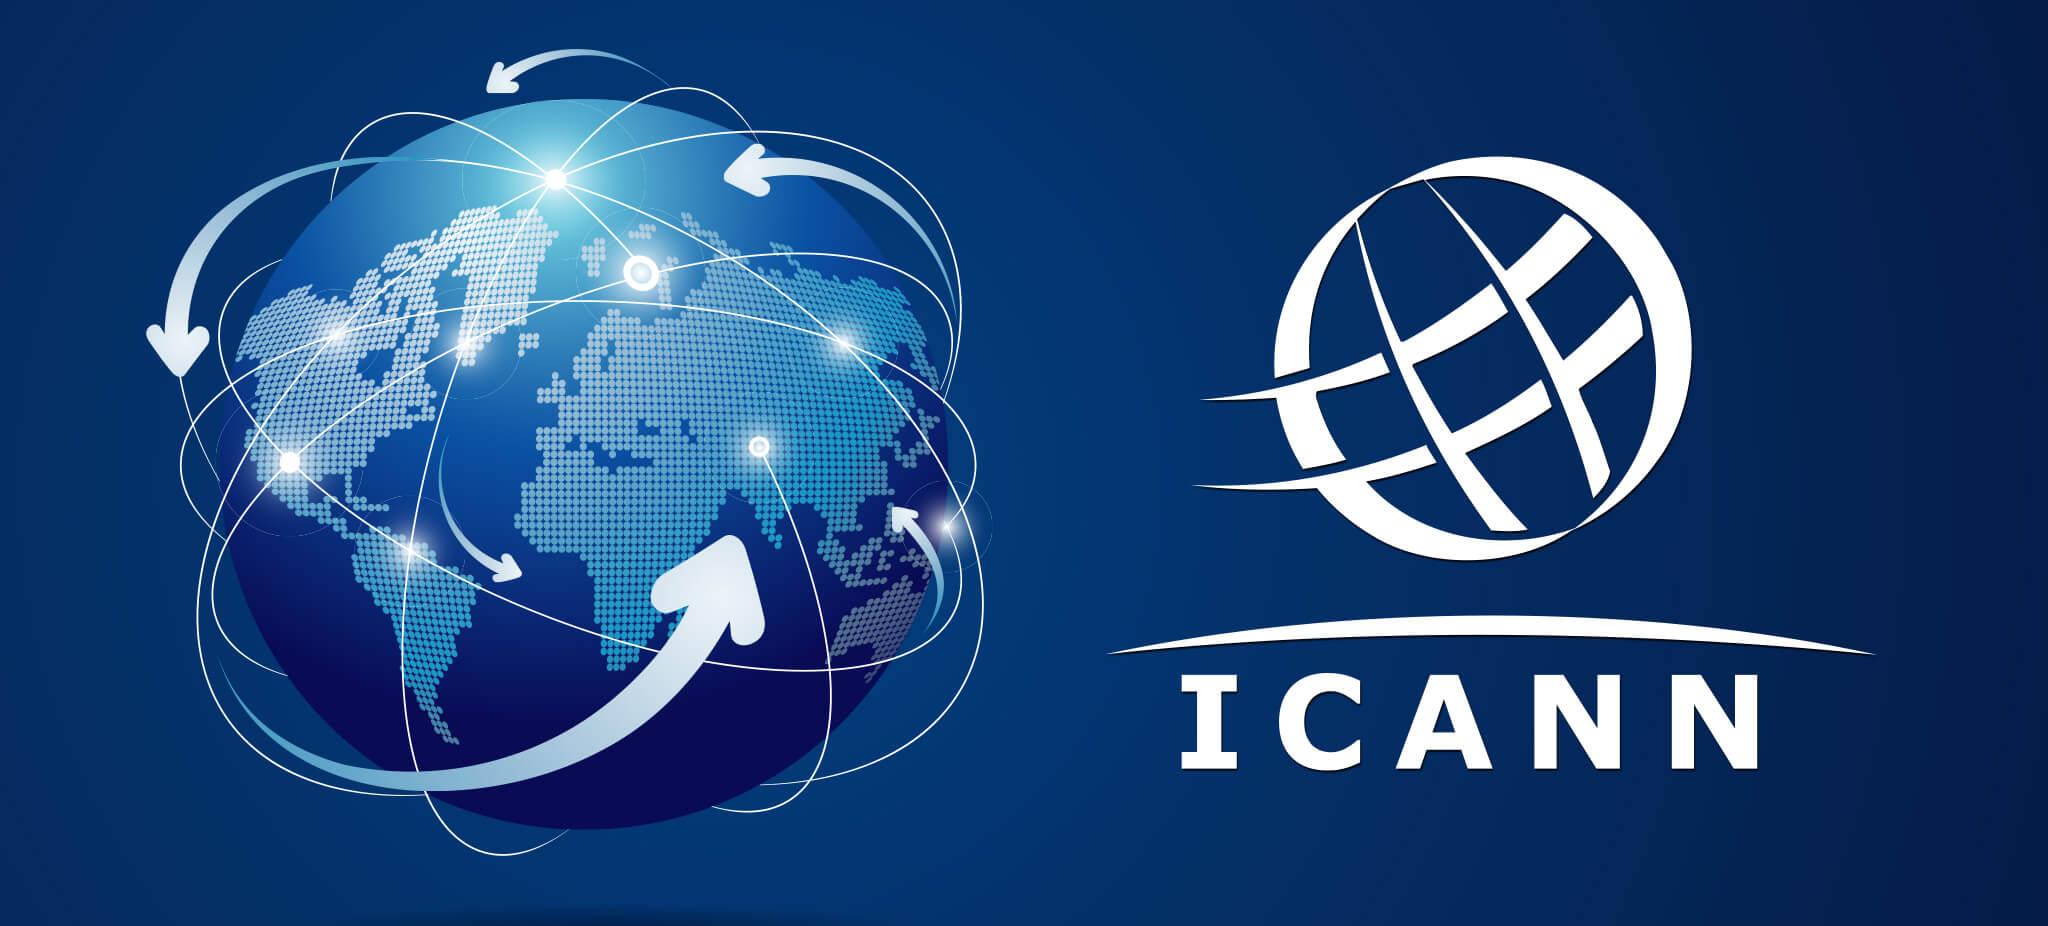 ICANN получила ещё месяц на рассмотрение сделки по продаже прав на управление доменом .ORG